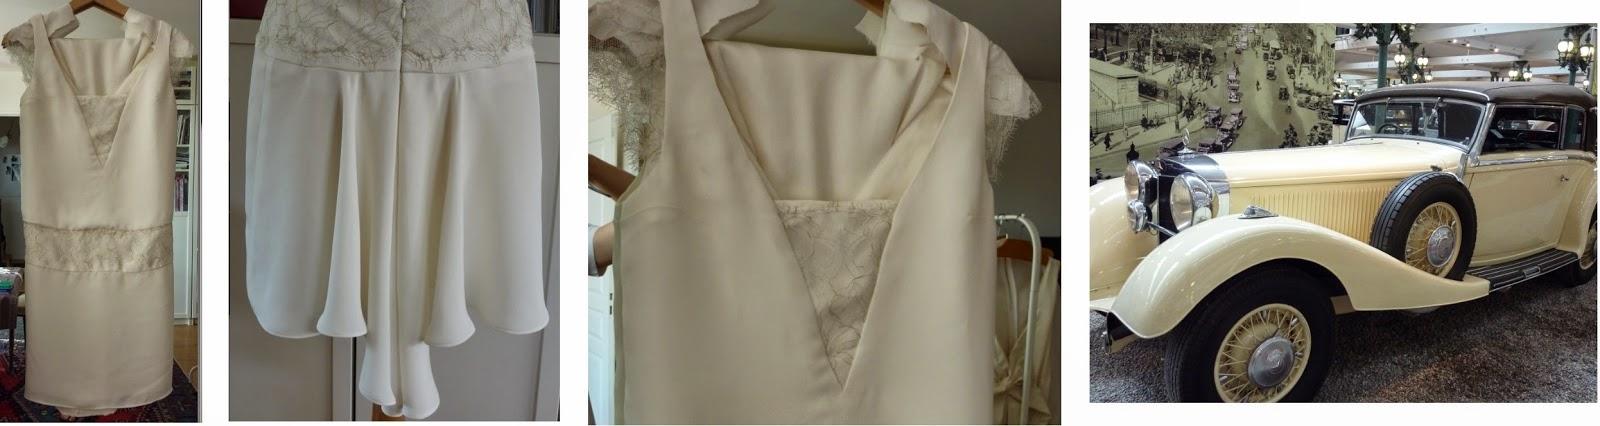 robe de mariée sur mesure par couturière 78